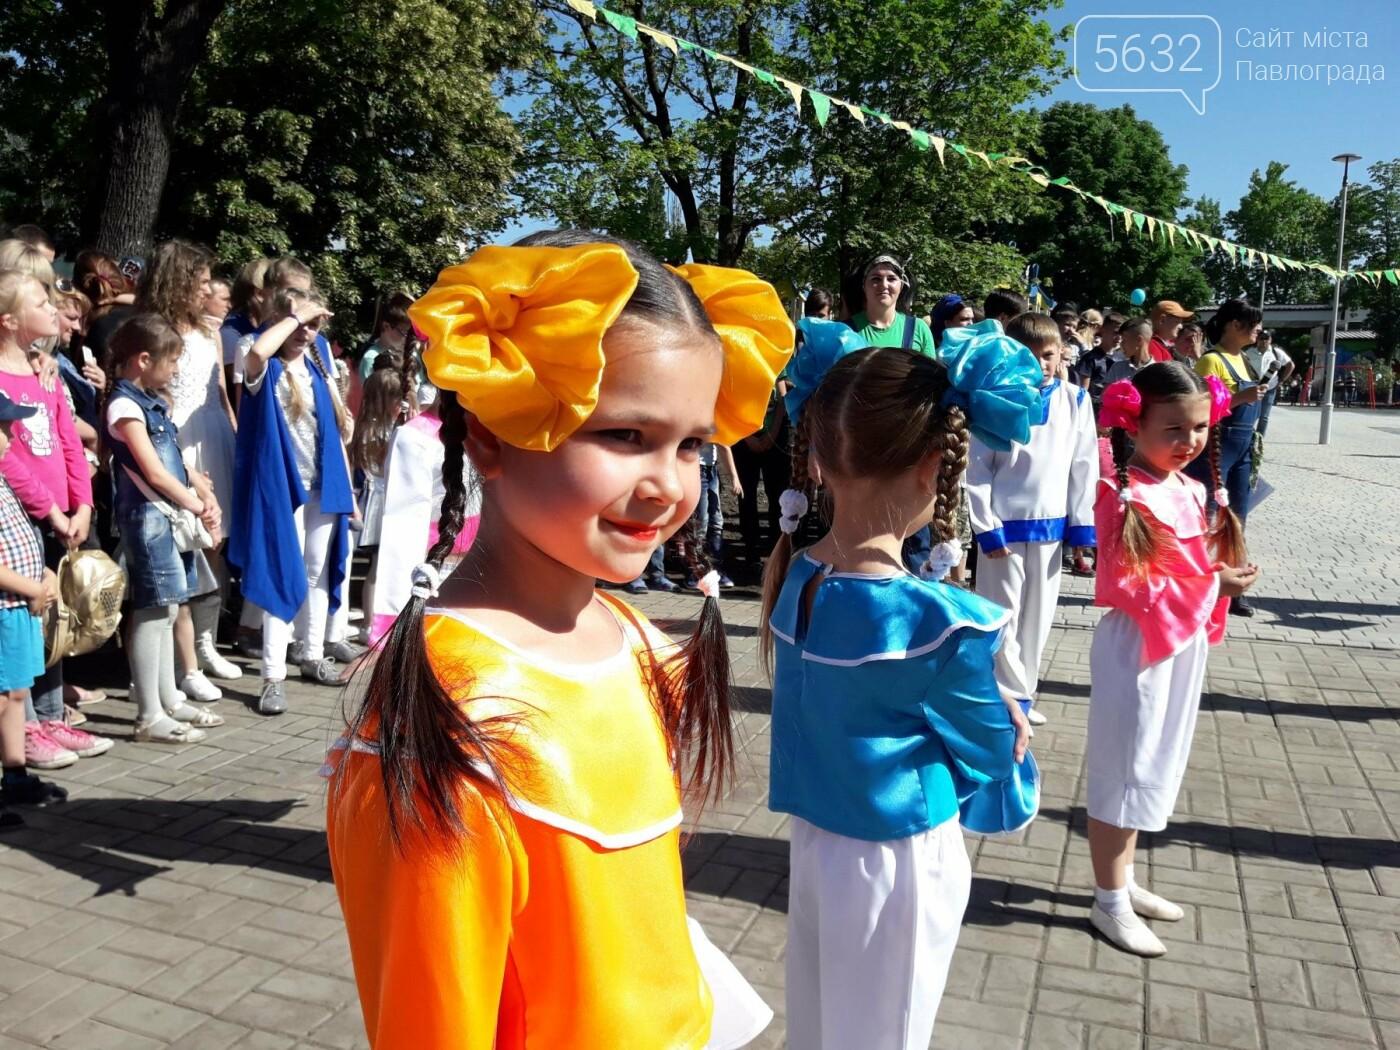 В Павлограде после реконструкции открыли Детский парк, фото-14